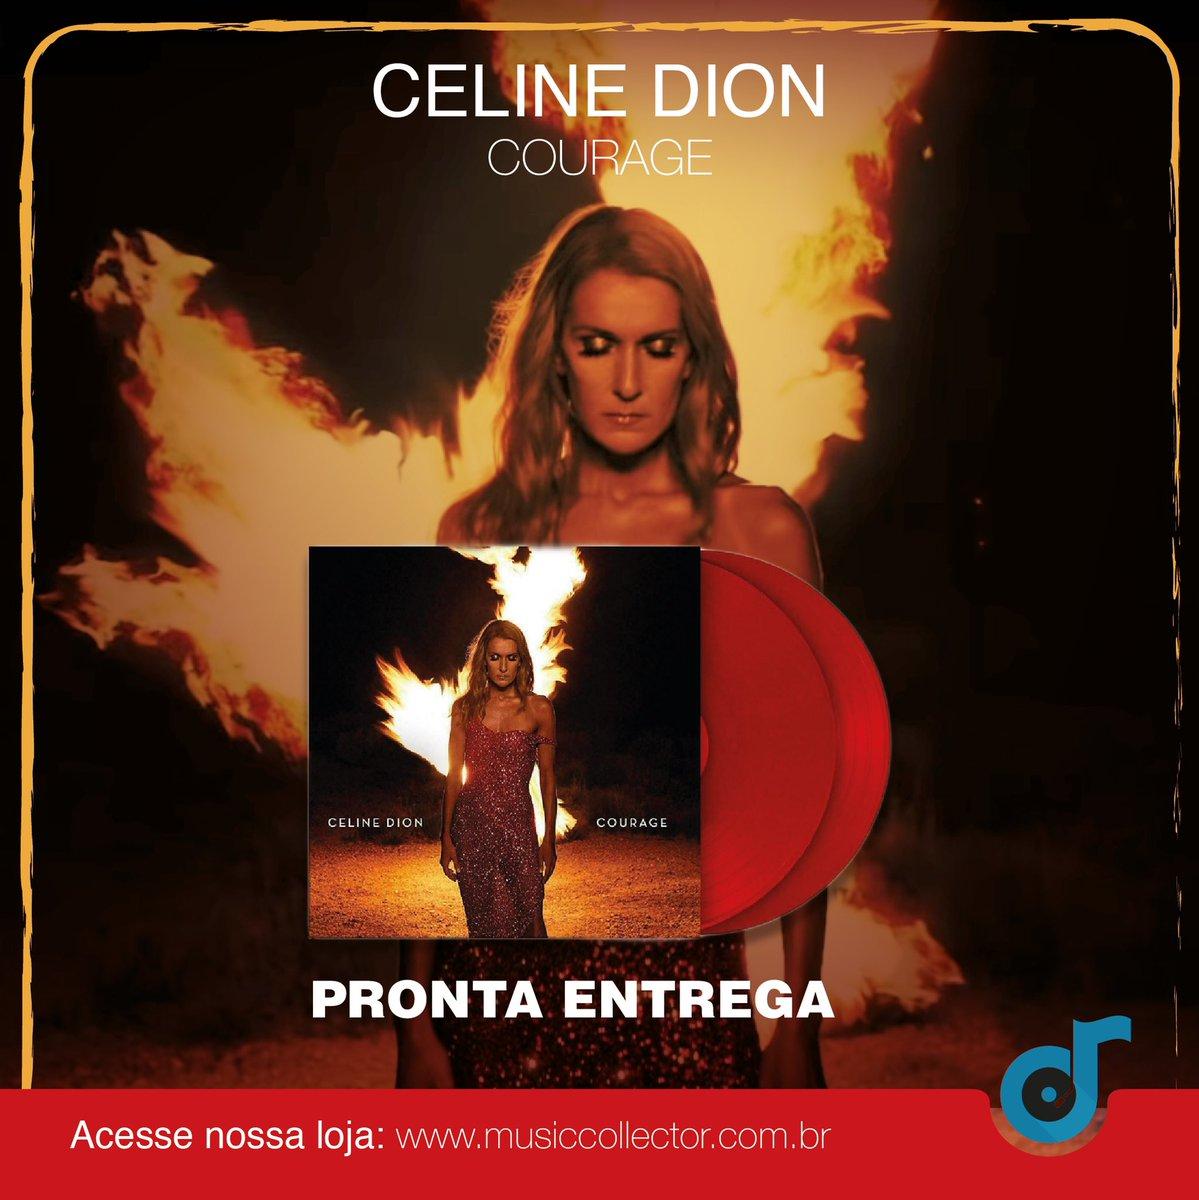 Uma das maiores vozes da música pop, Celine trouxe no seu álbum mais recente, um toque de contemporaneidade.  COURAGE é o que Celine Dion faz de melhor e reafirma que a sua música é atemporal.   À Pronta-Entrega a partir de 31/07.   #celinedion #musicapop #vinil #vinillovers pic.twitter.com/UHk2jKt504